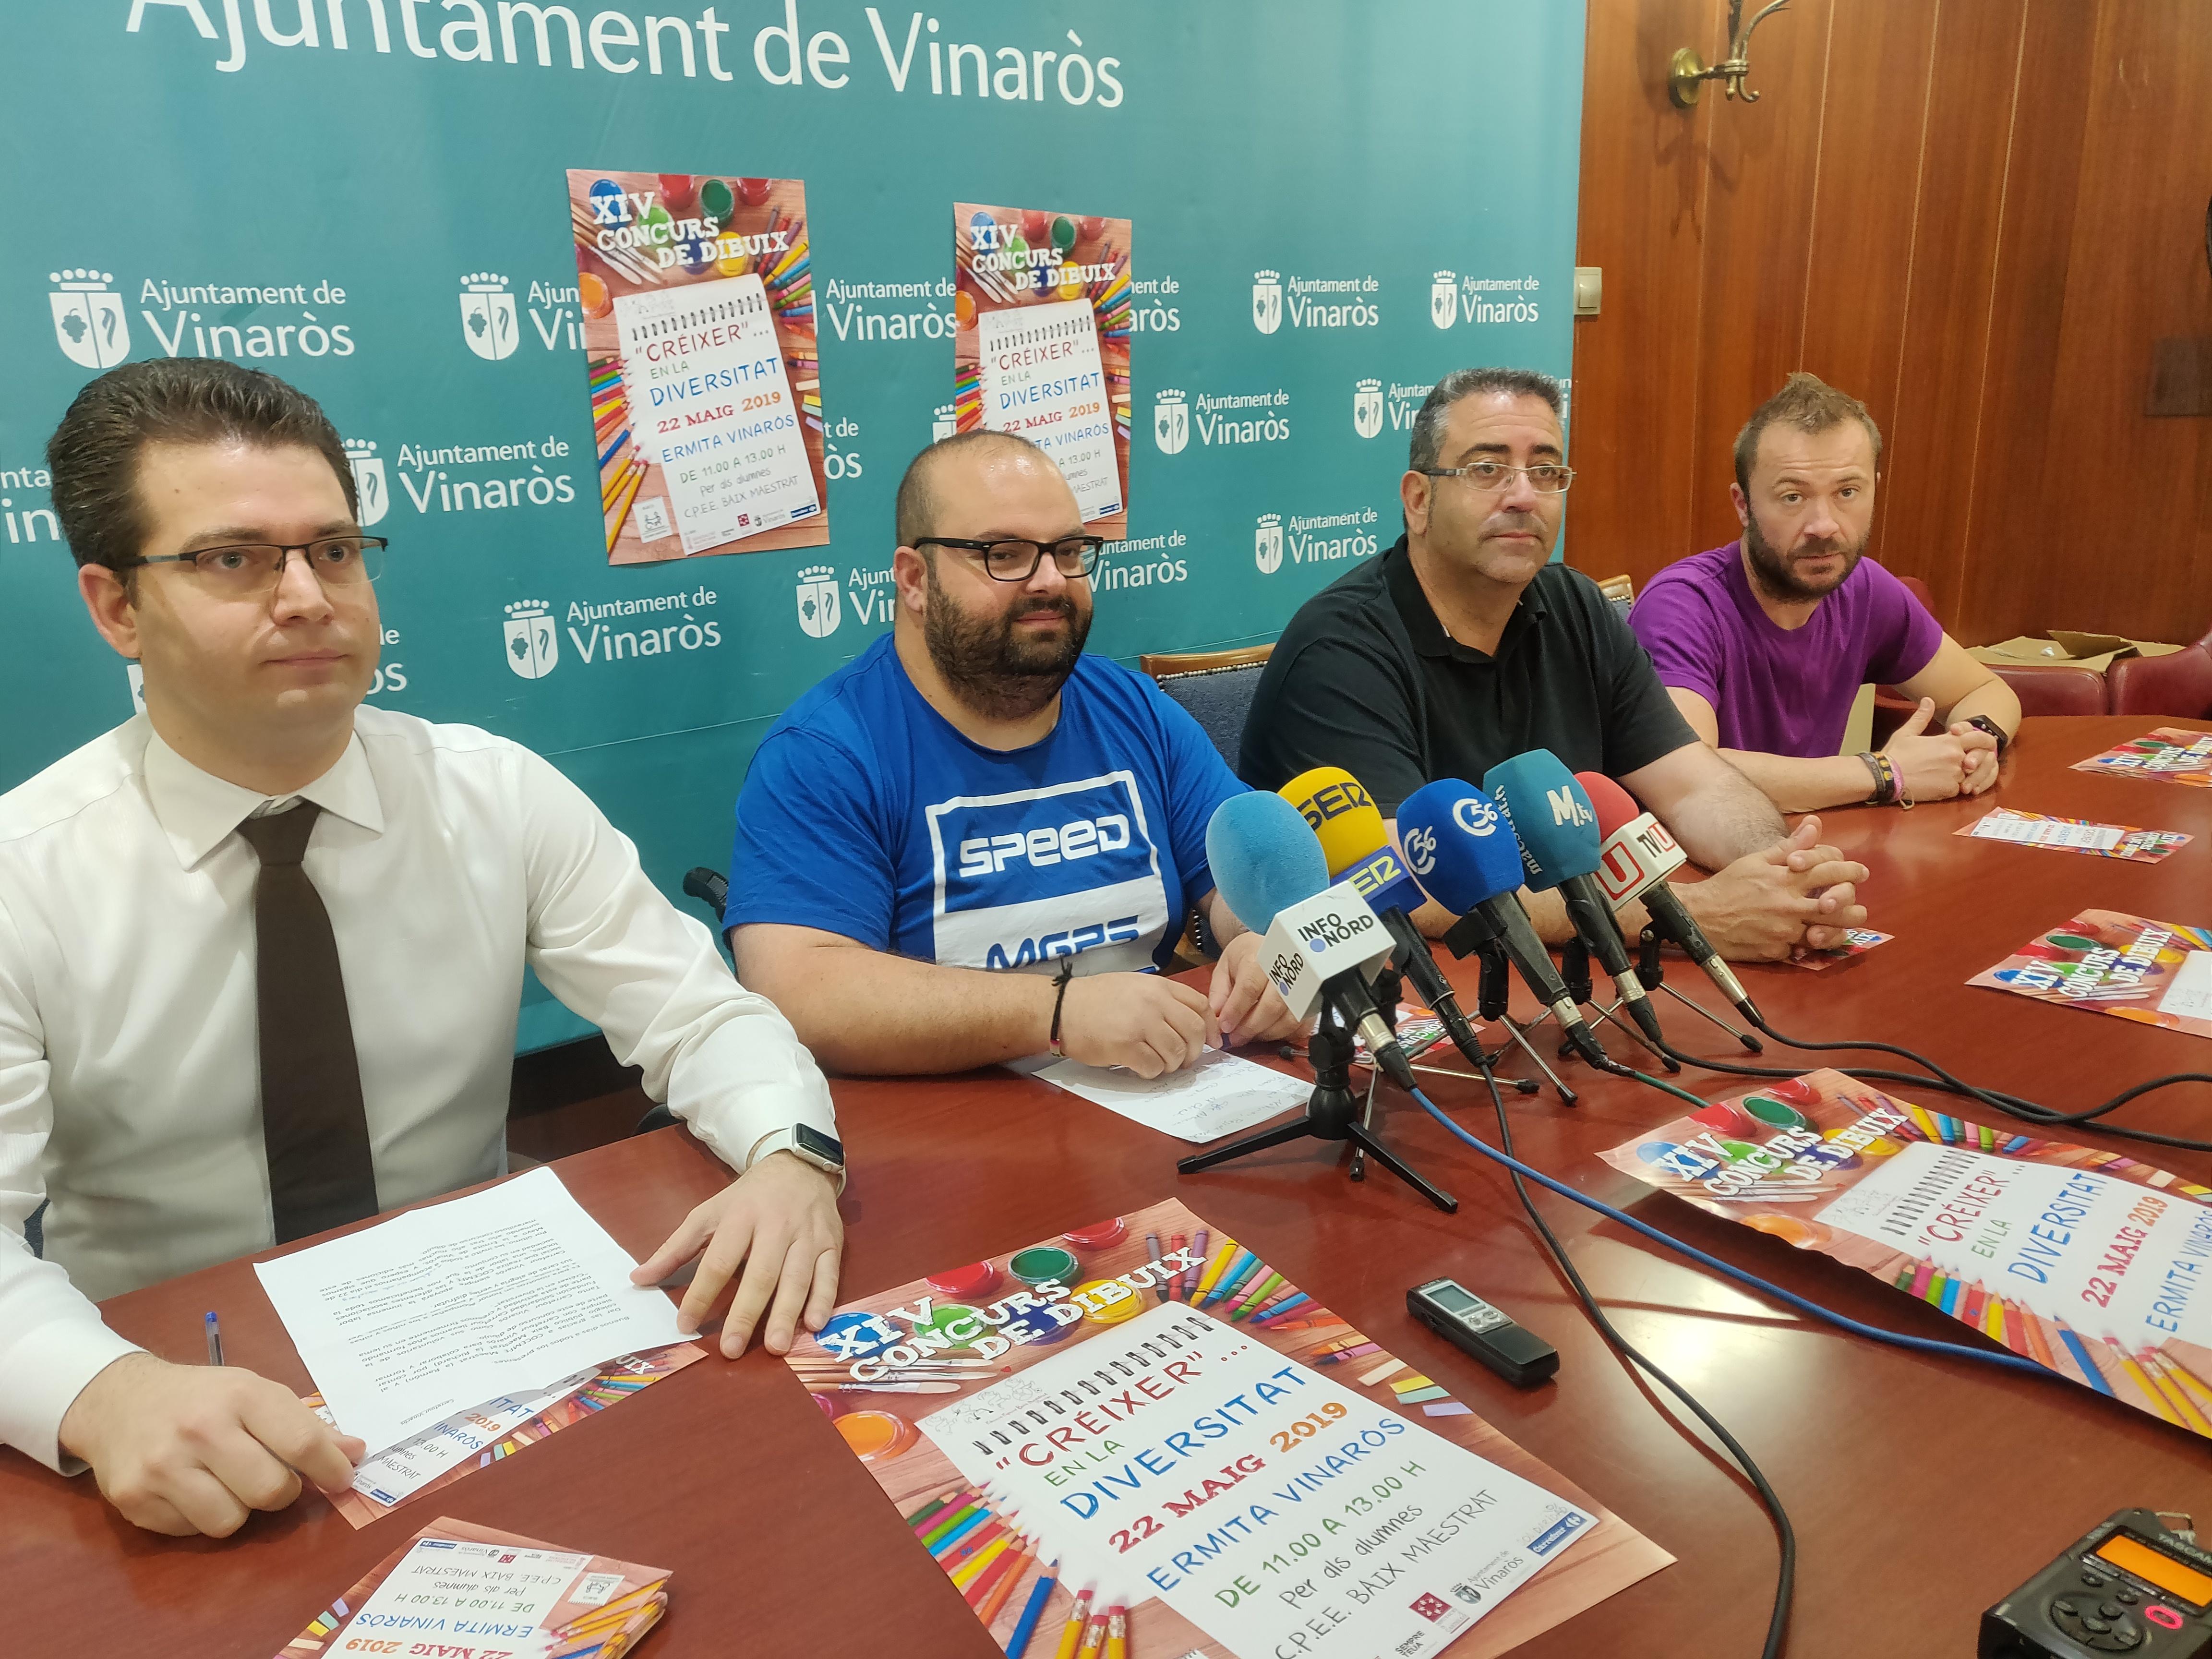 VInaròs acollirà el 22 de maig el 14è Concurs de Dibuix Créixer en la Diversitat